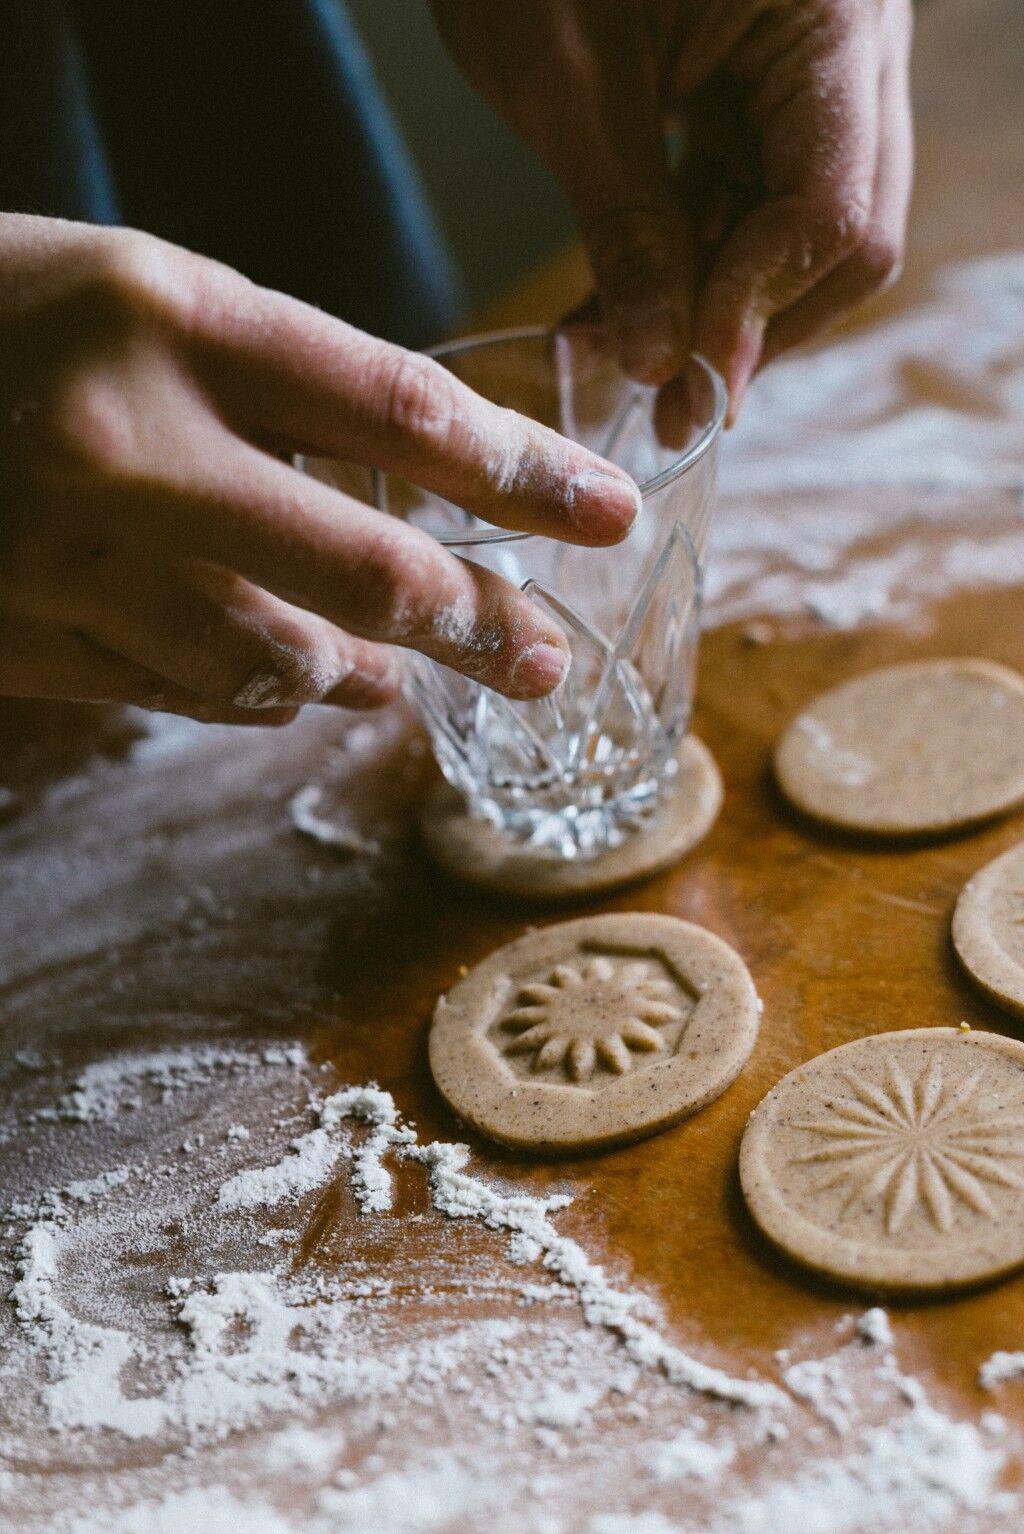 Babes_in_Boyland-winter_cookies-2